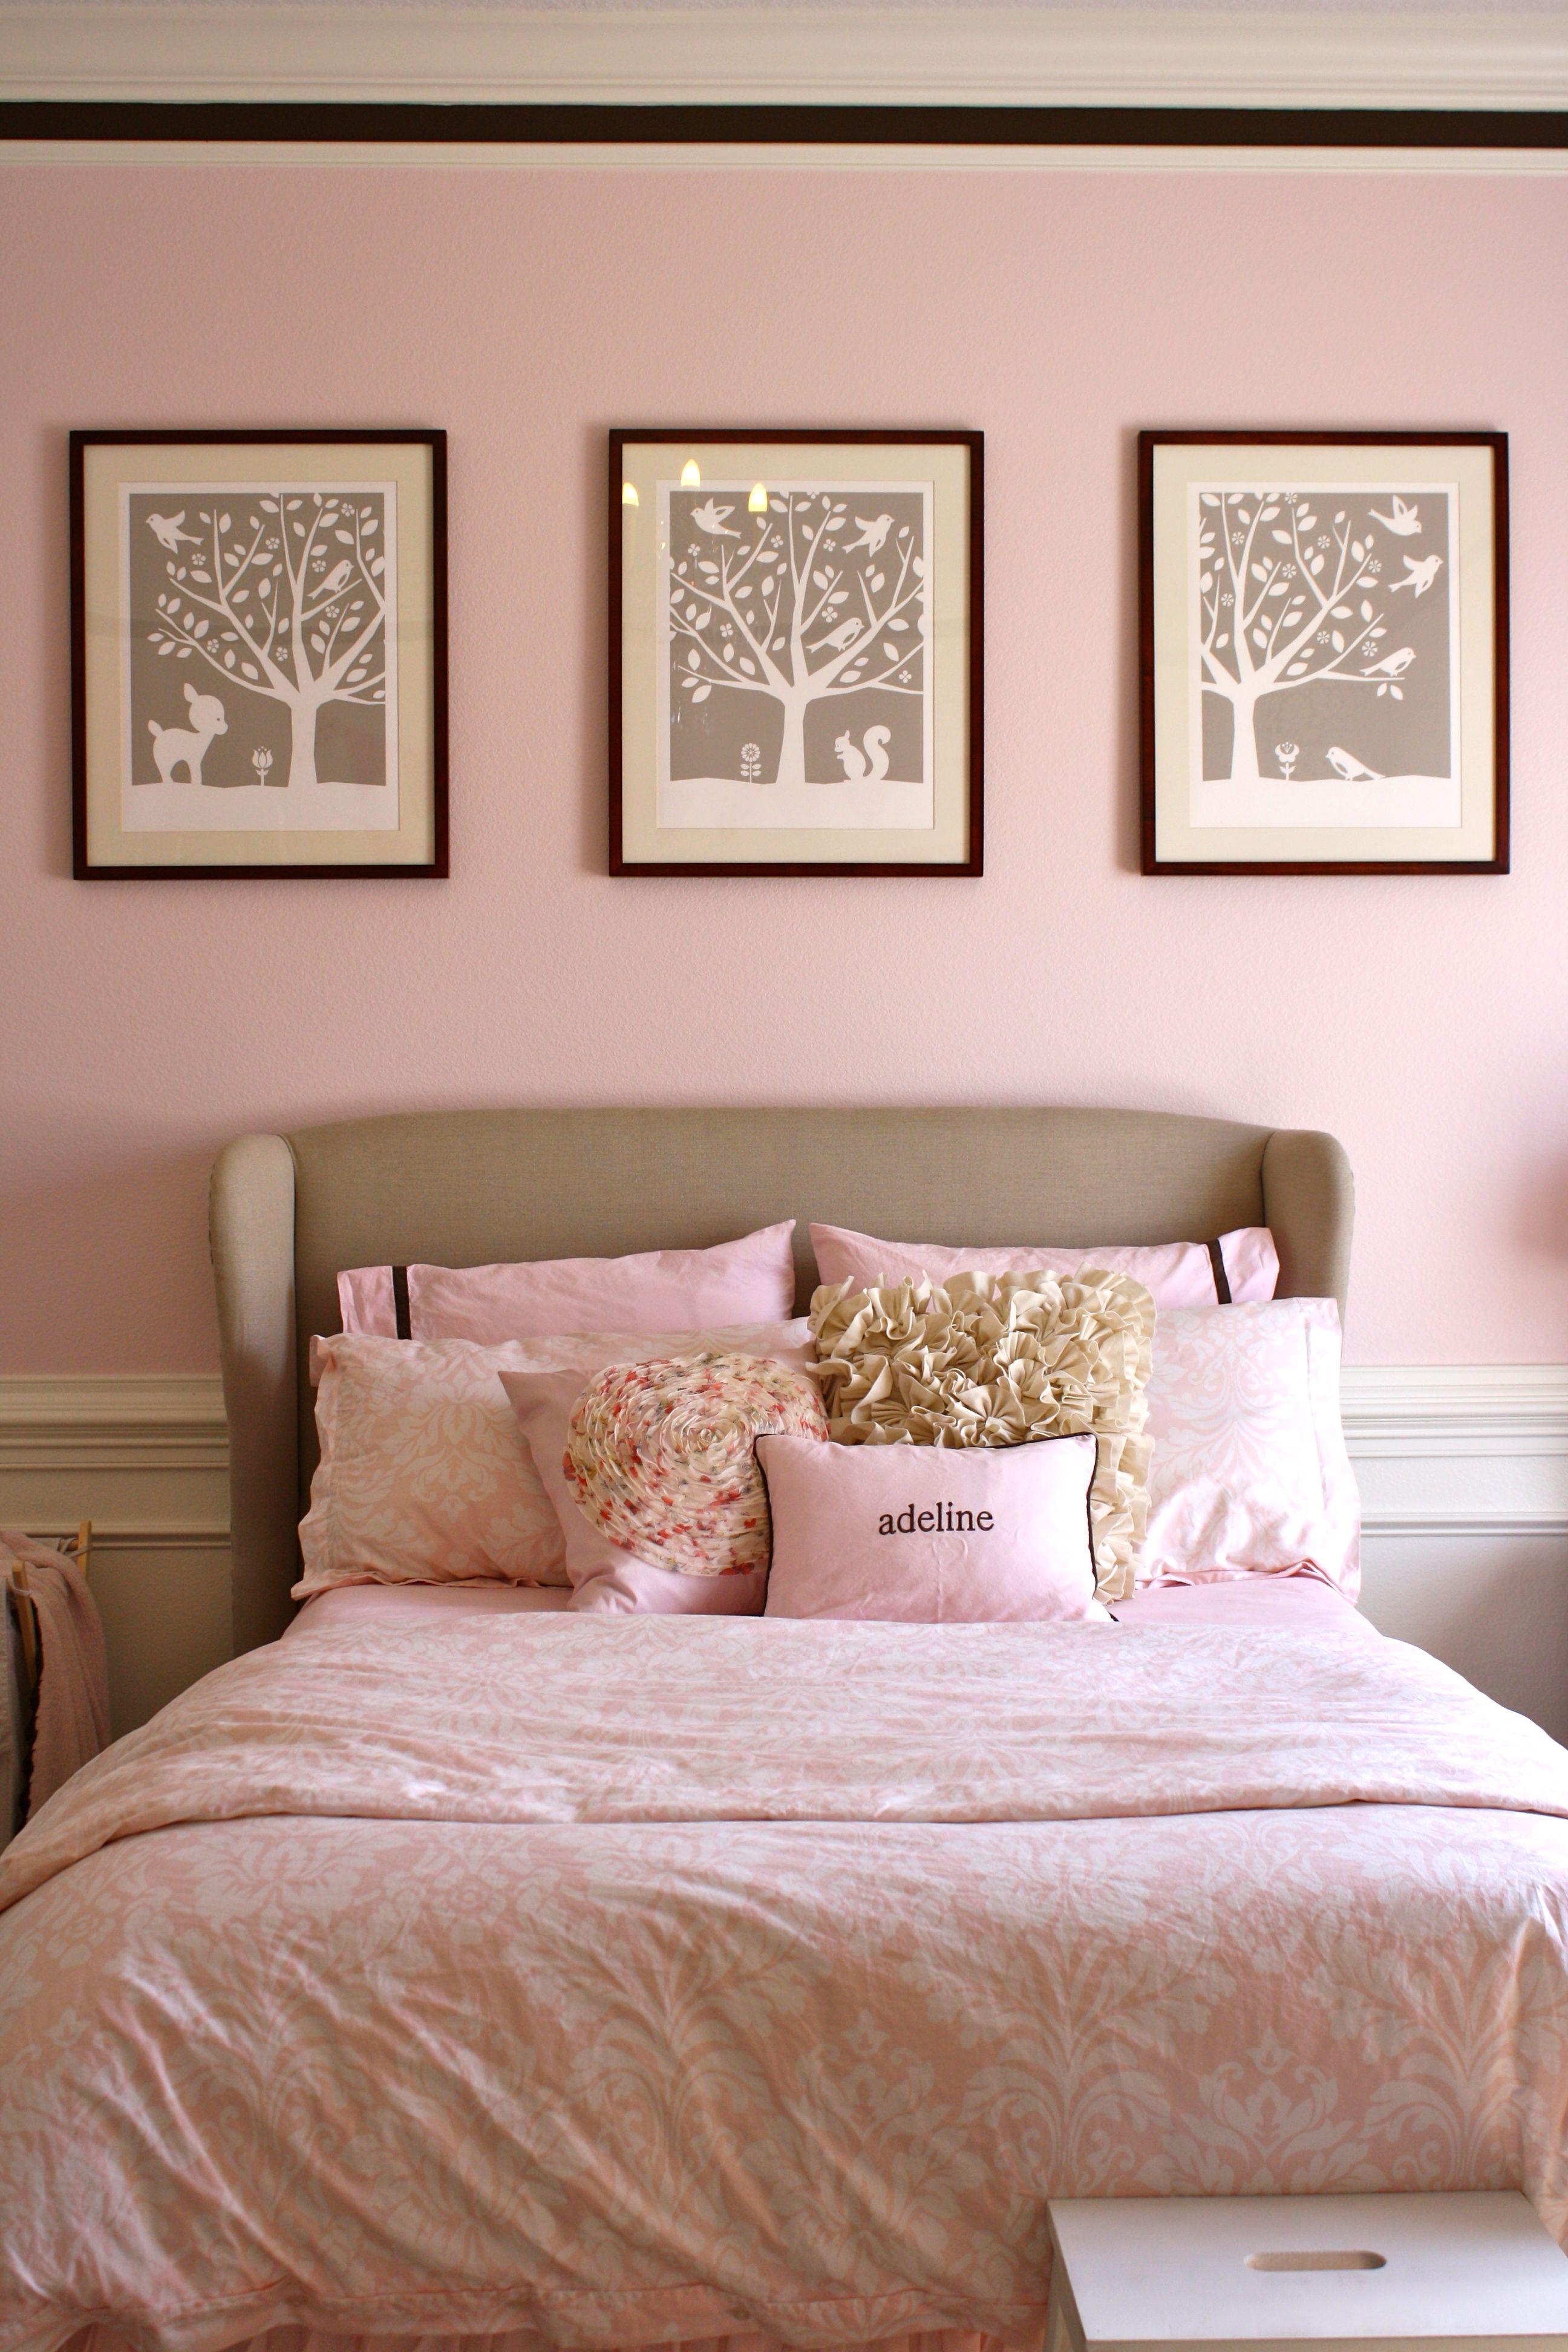 rose et gris  Déco maison, Decoration interieur maison, Deco chambre